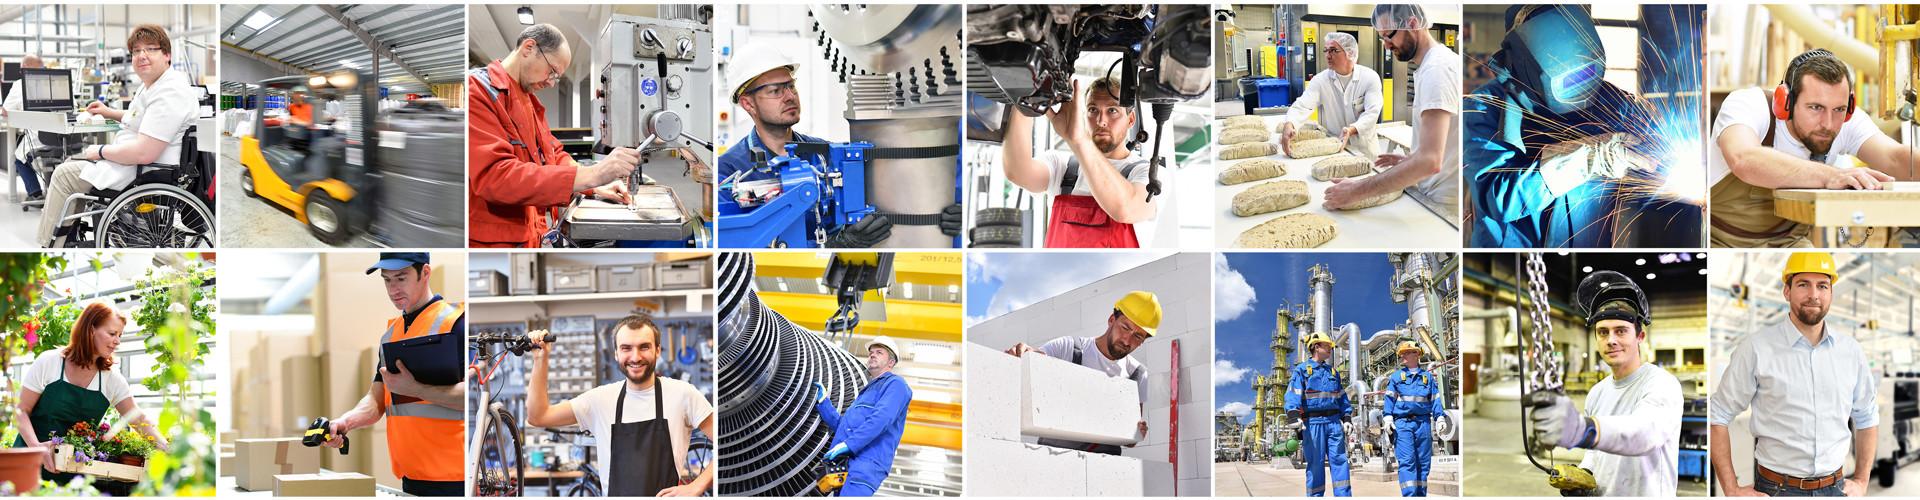 Eine Collage unterschiedlichster Arbeitsplätze im Industrie- Handwerks- und Dienstleistungssektor. © industrieblick, stock.adobe.com